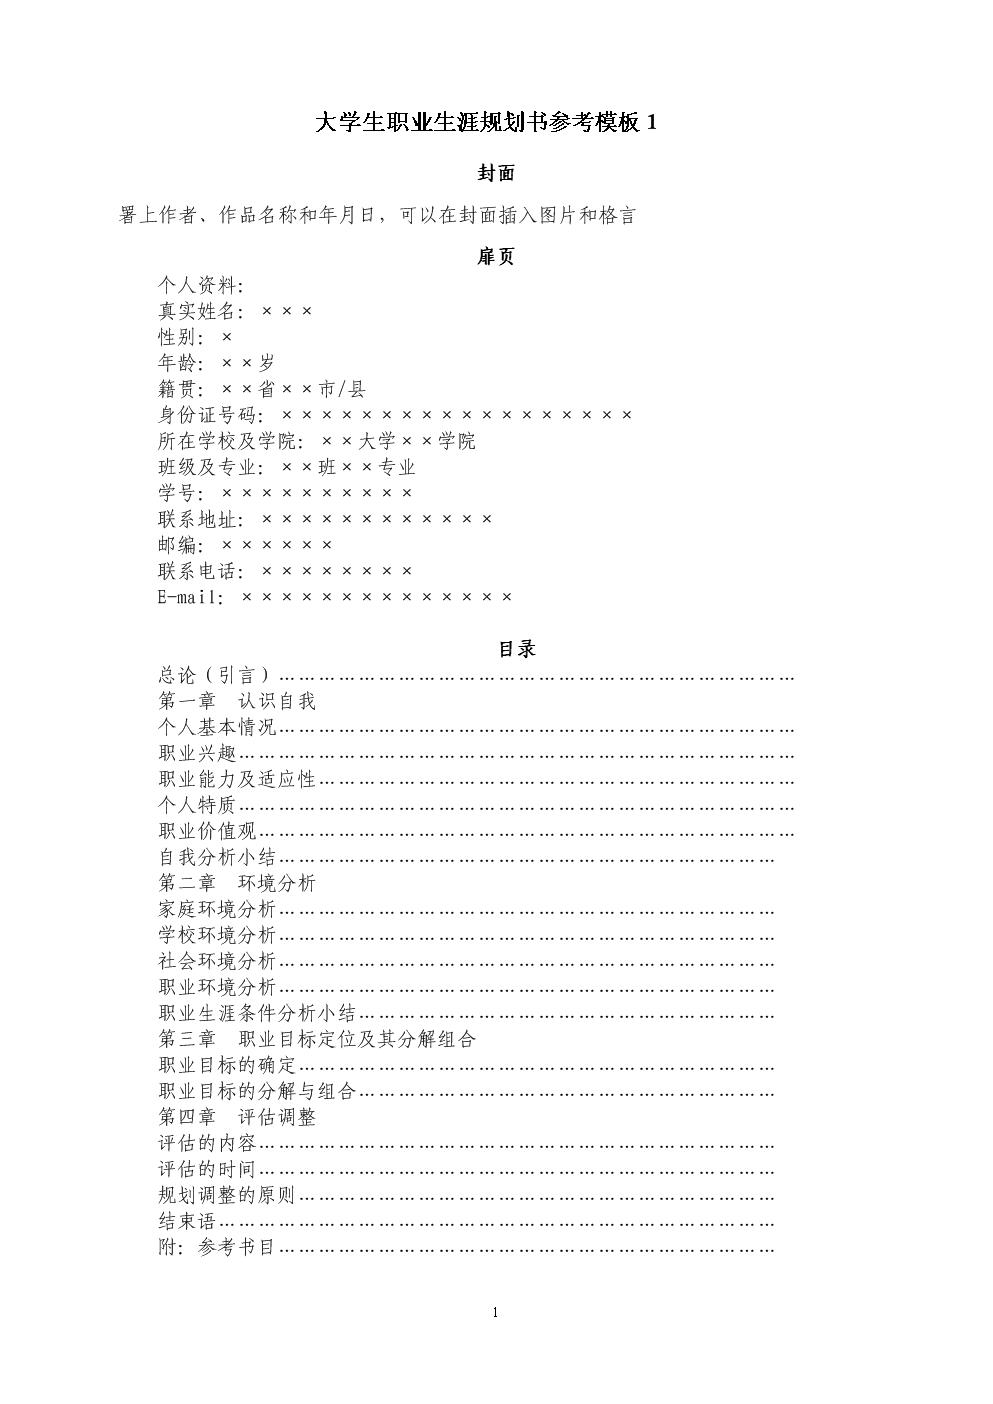 大学生职业生涯规划书参考模板.doc